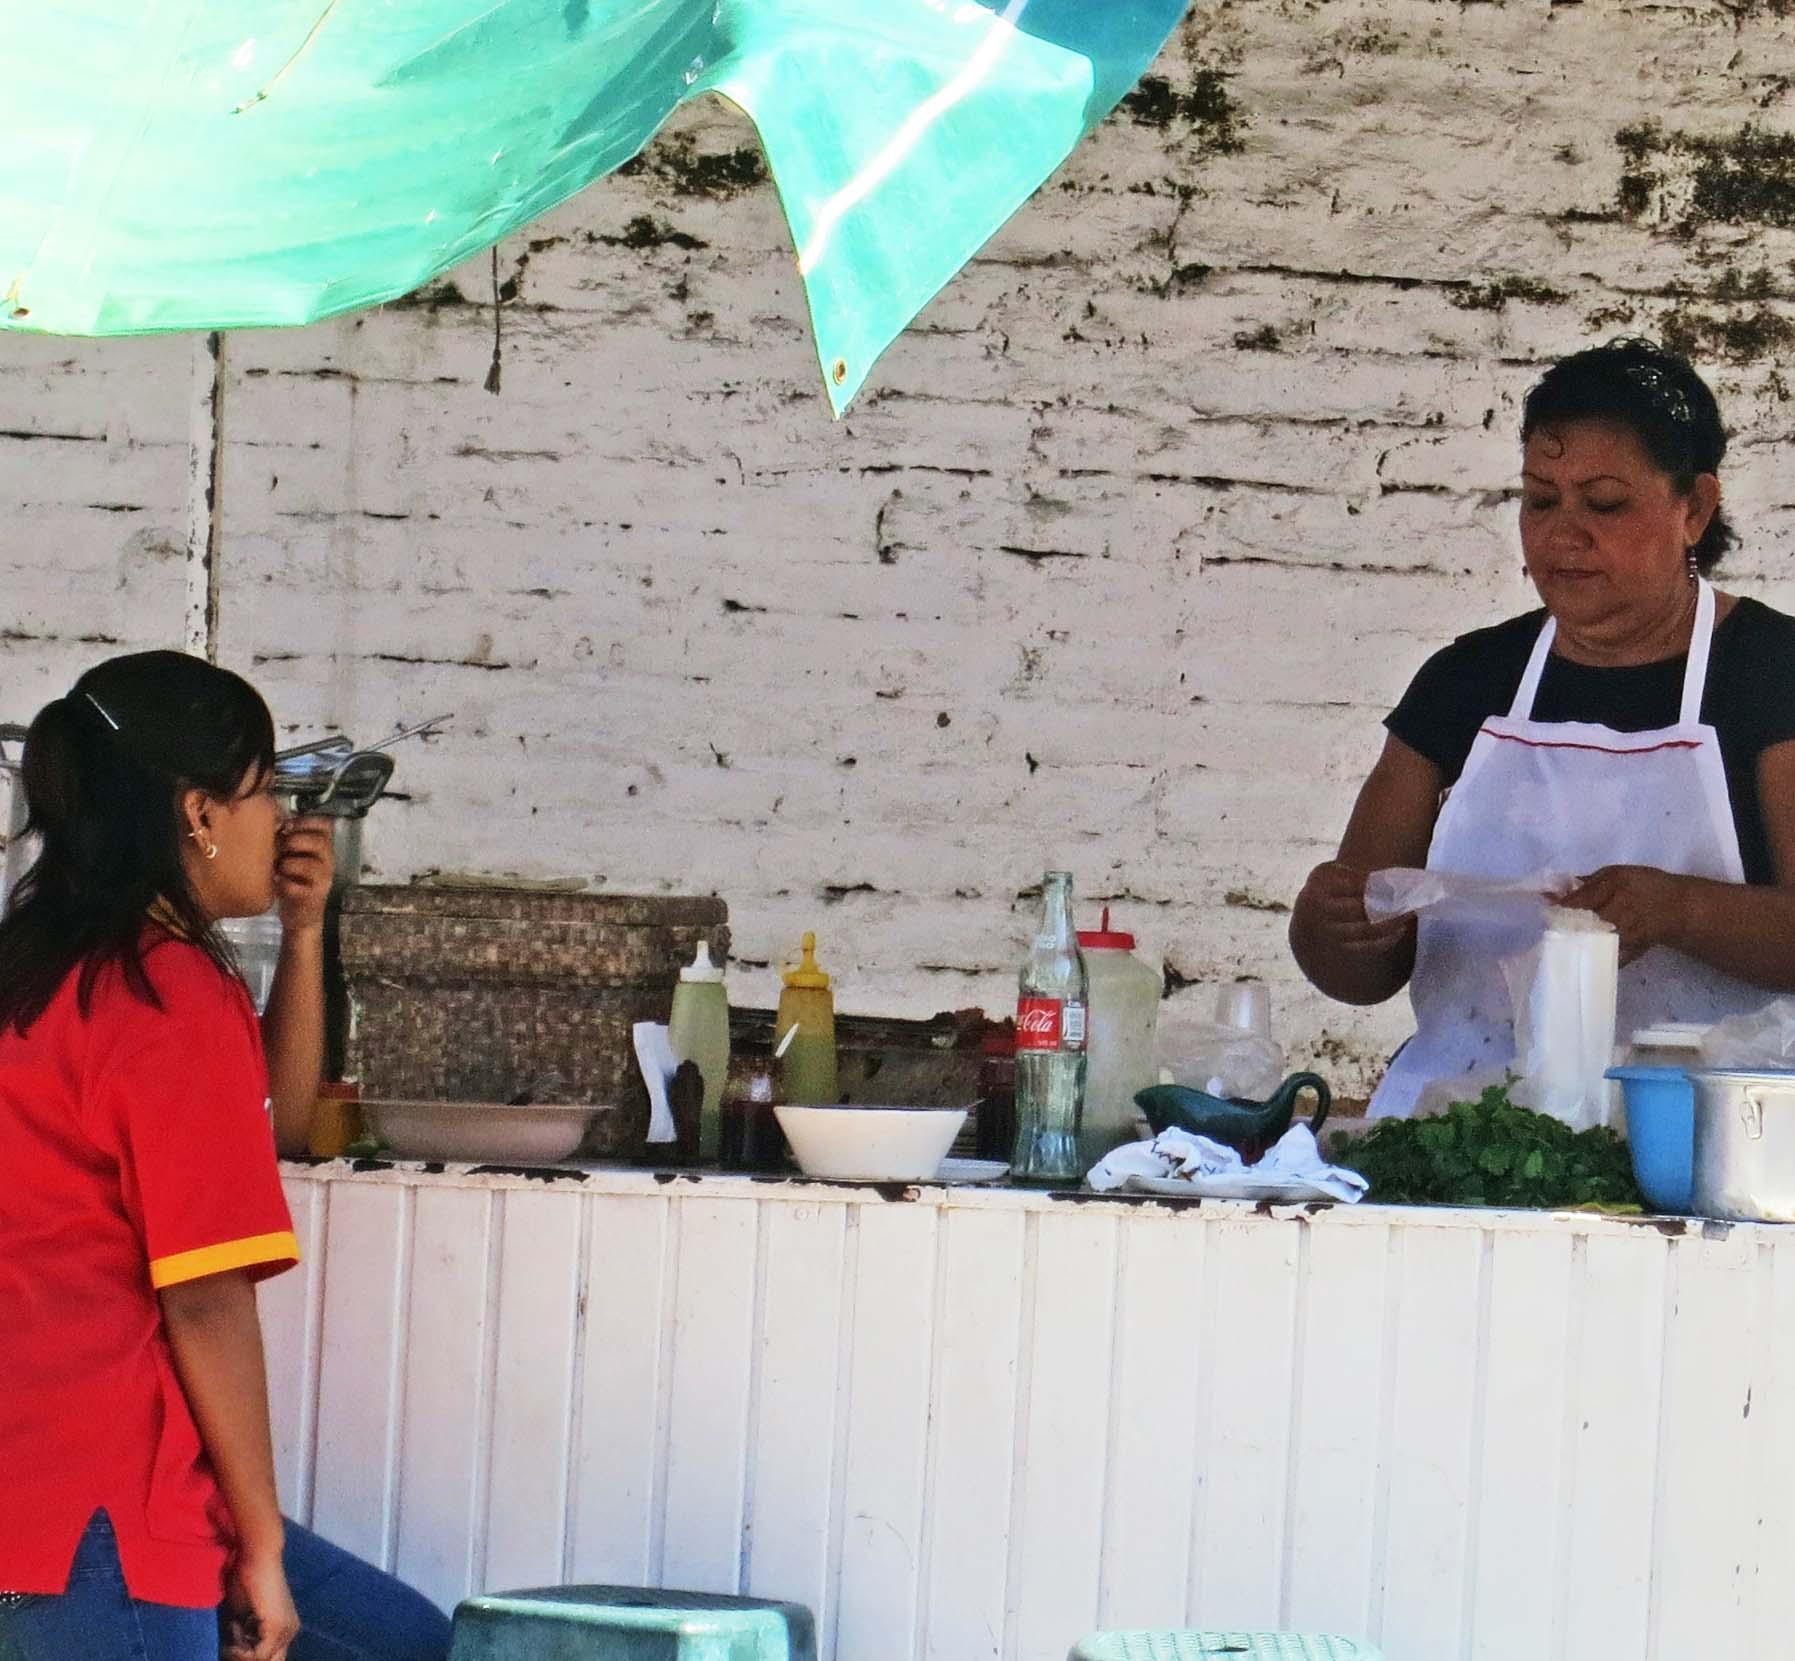 Street vendor selling food in Puerto Vallarta. Photo by Curtis Mekemson.